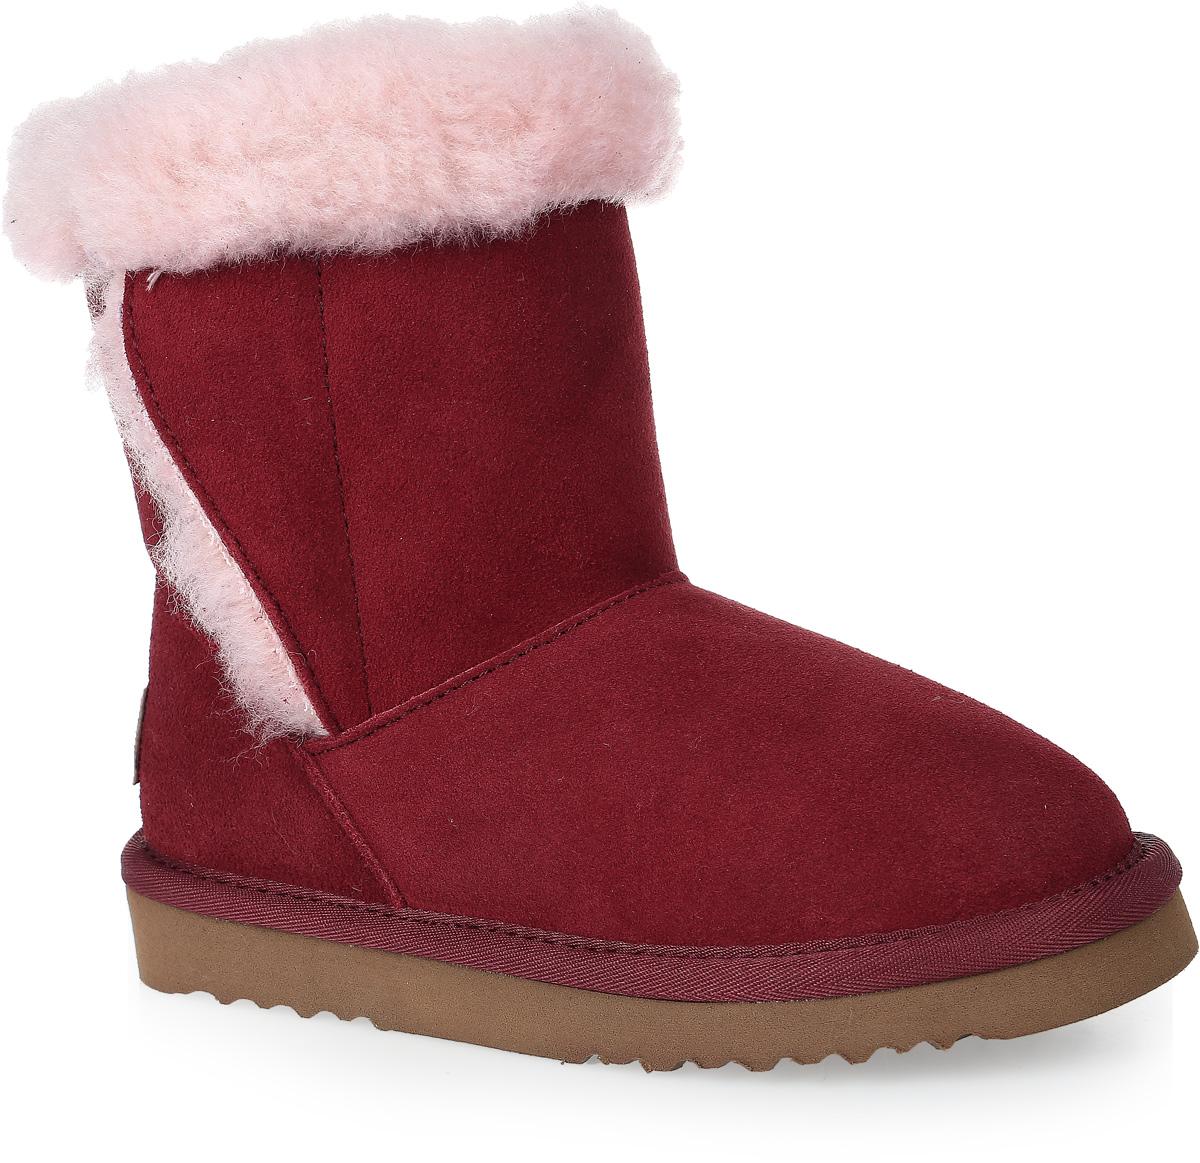 20677-17Модные угги для девочки от Vitacci выполнены из натурального велюра и оформлены меховым кантом. Подкладка и стелька из шерстяного меха не дадут ногам замерзнуть. Подошва из материала ЭВА дополнена рифлением.